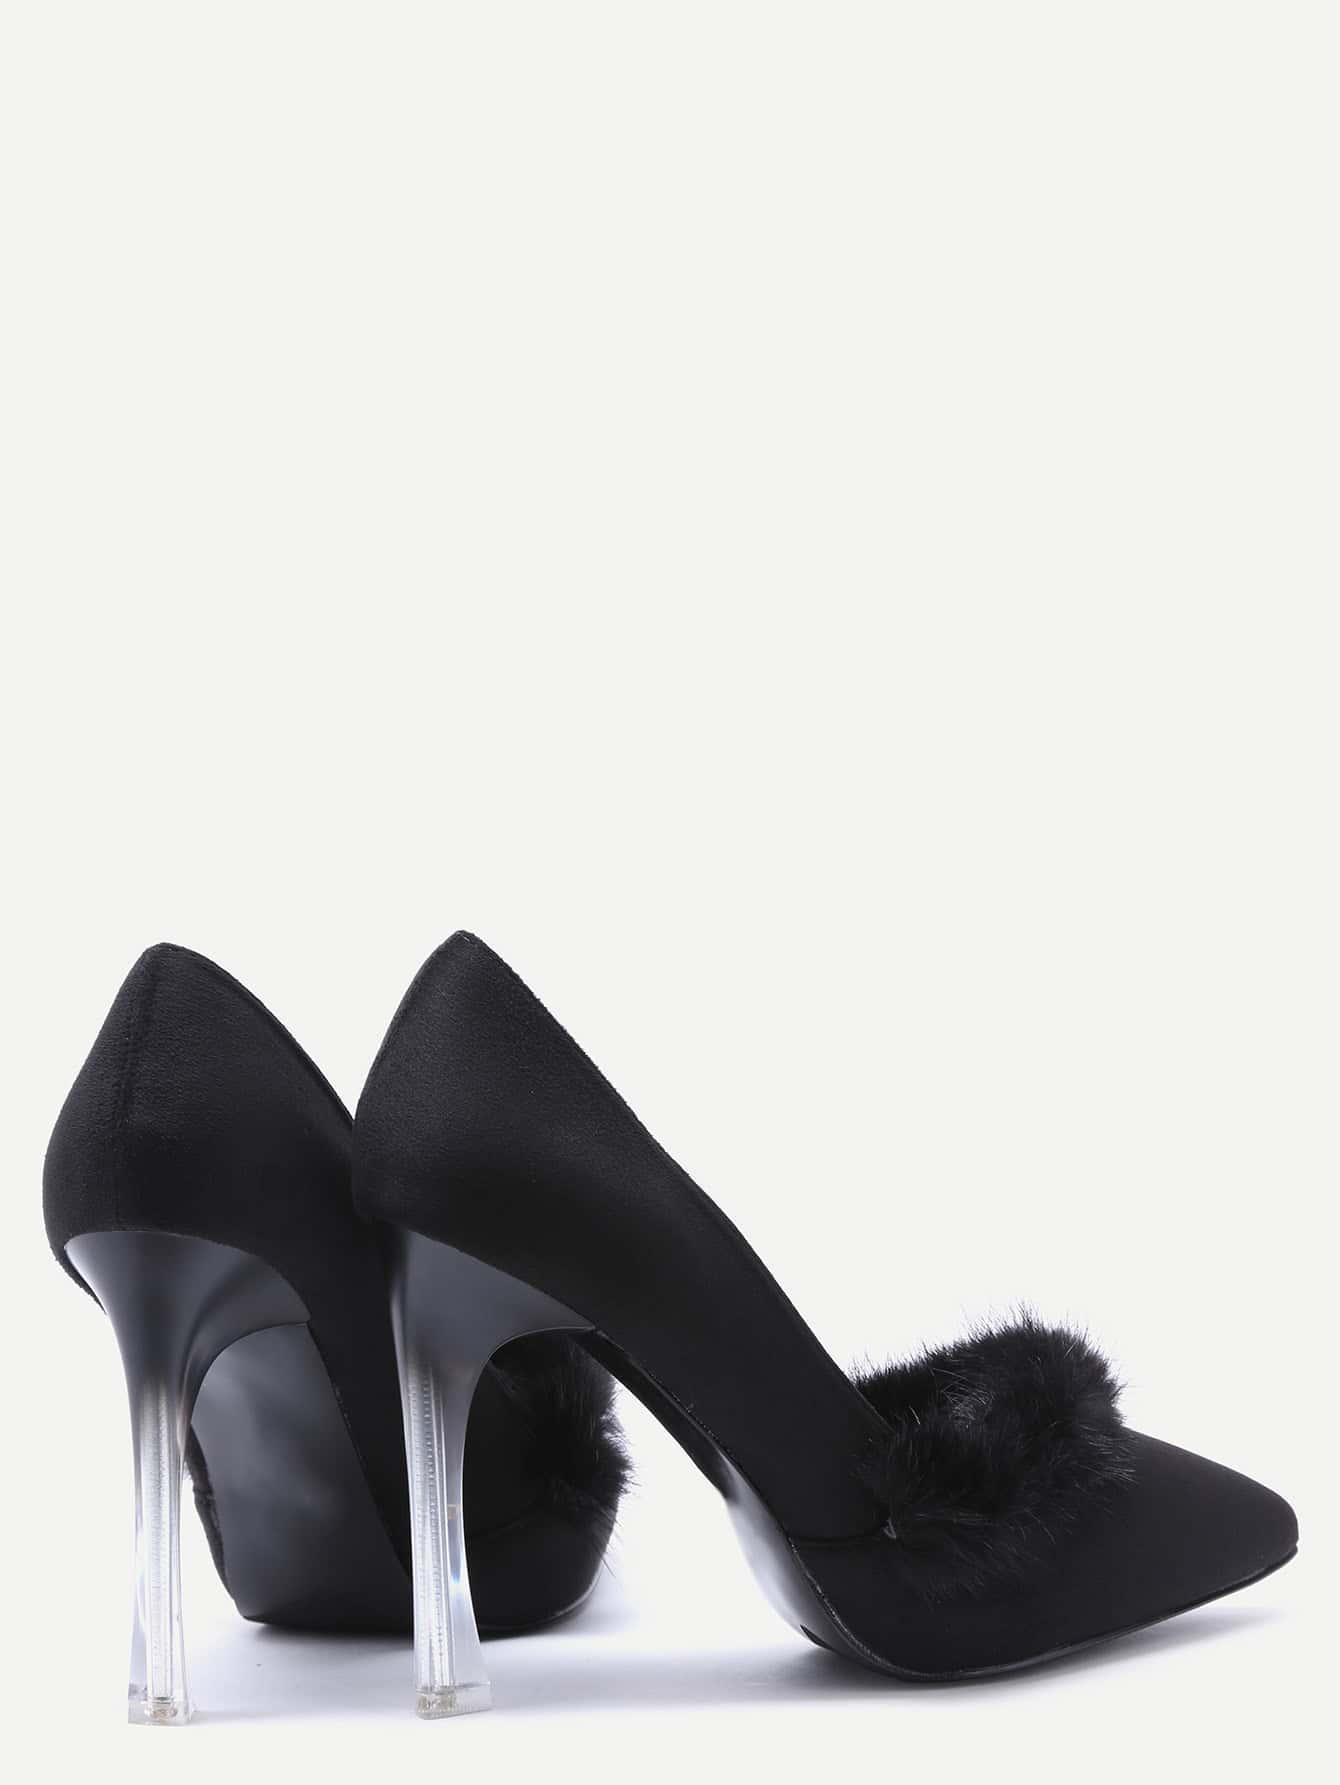 shoes161207812_2